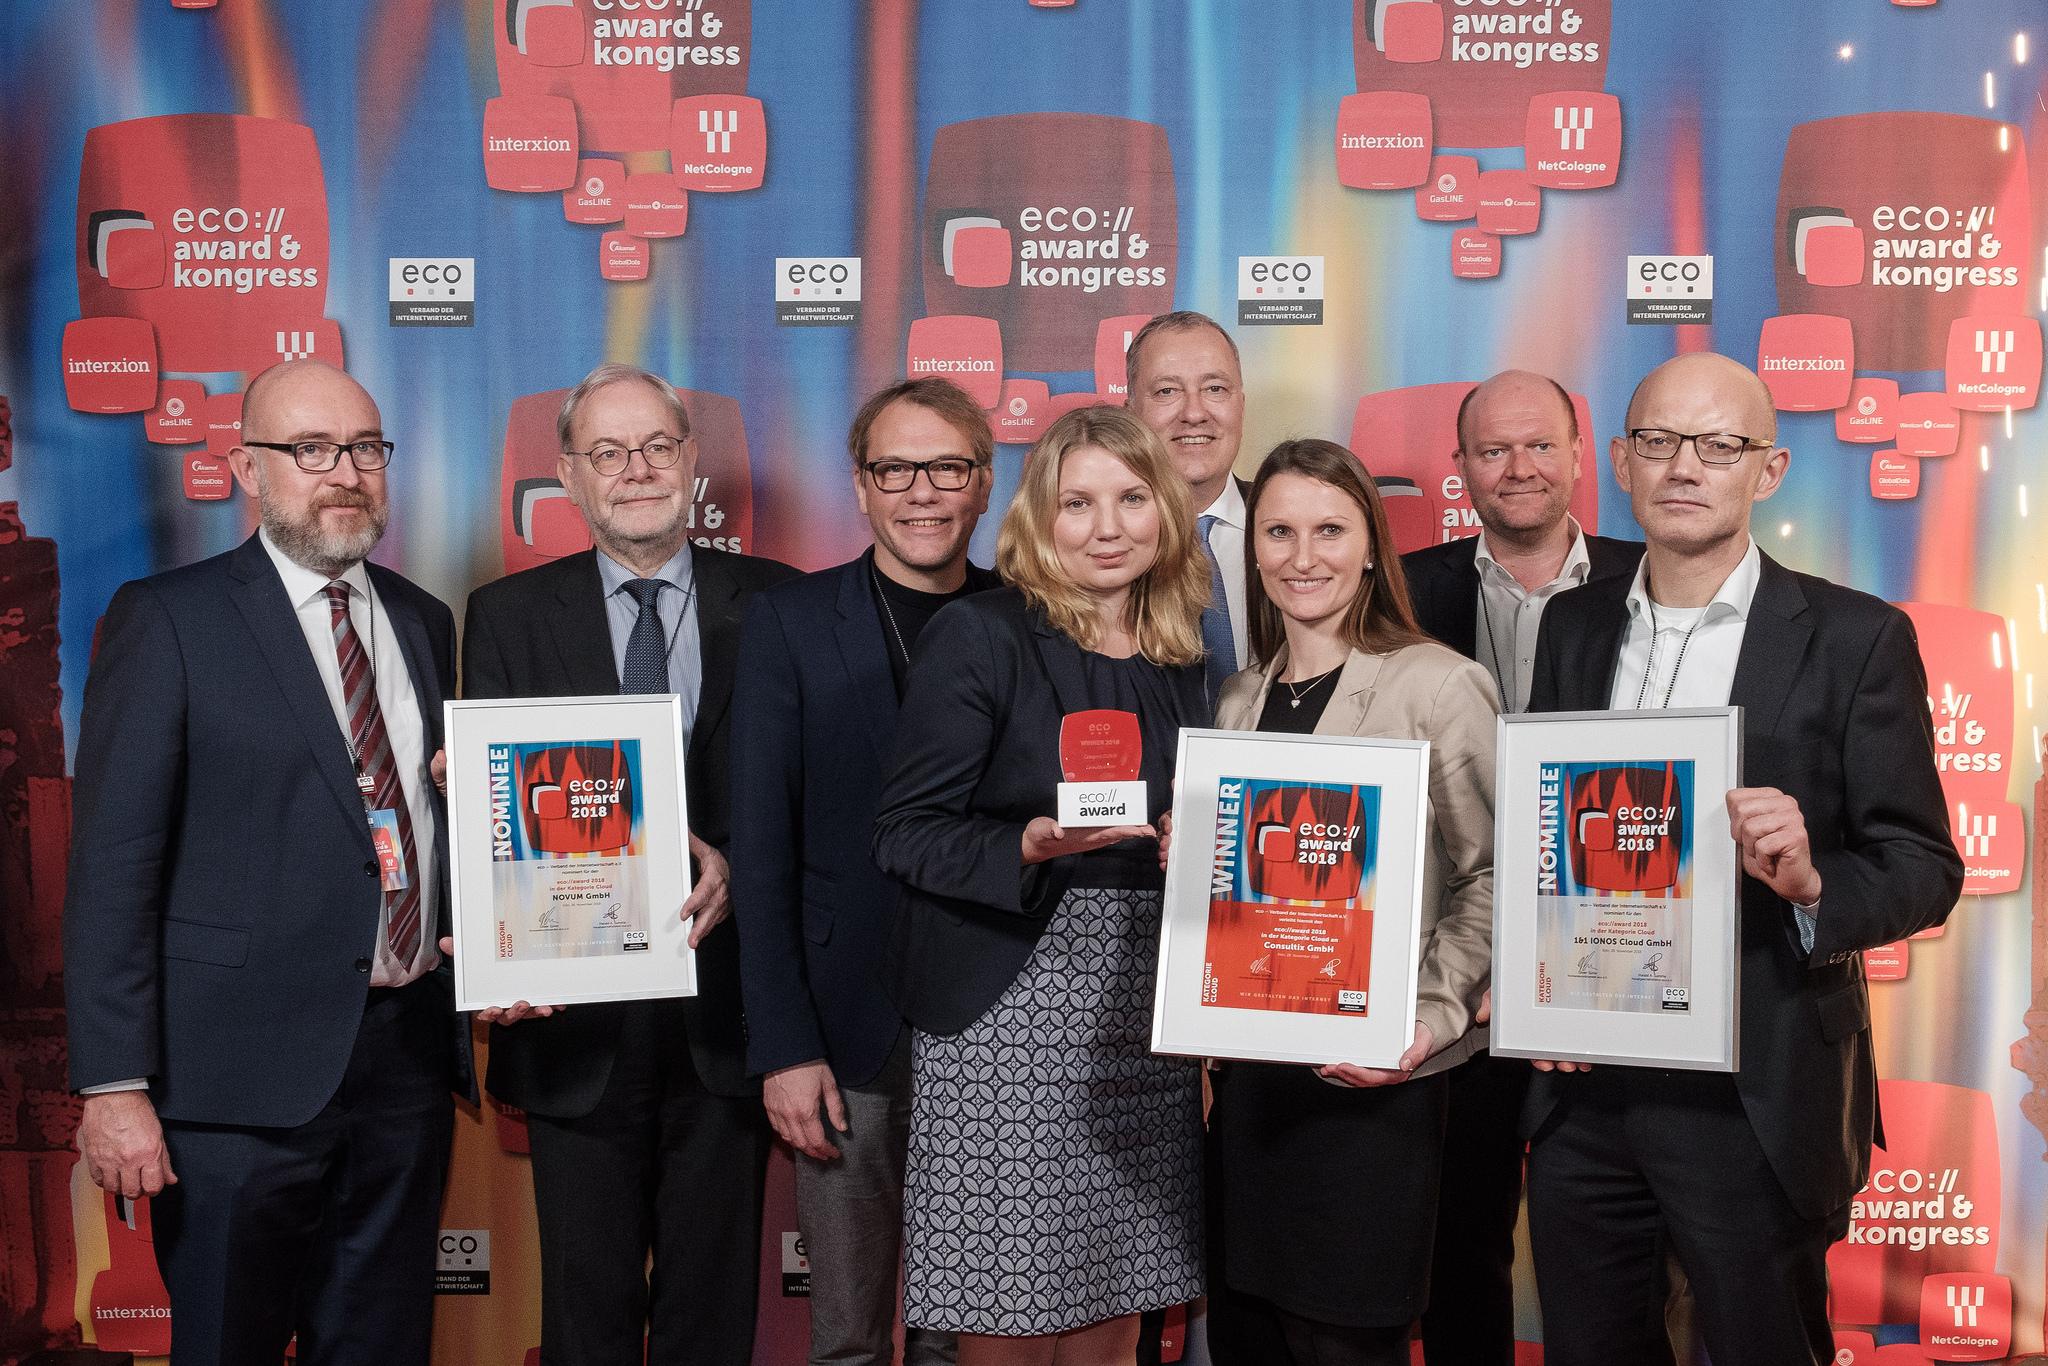 eco://kongress & eco:awards: Gemeinsam die digitale Zukunft gestalten 28